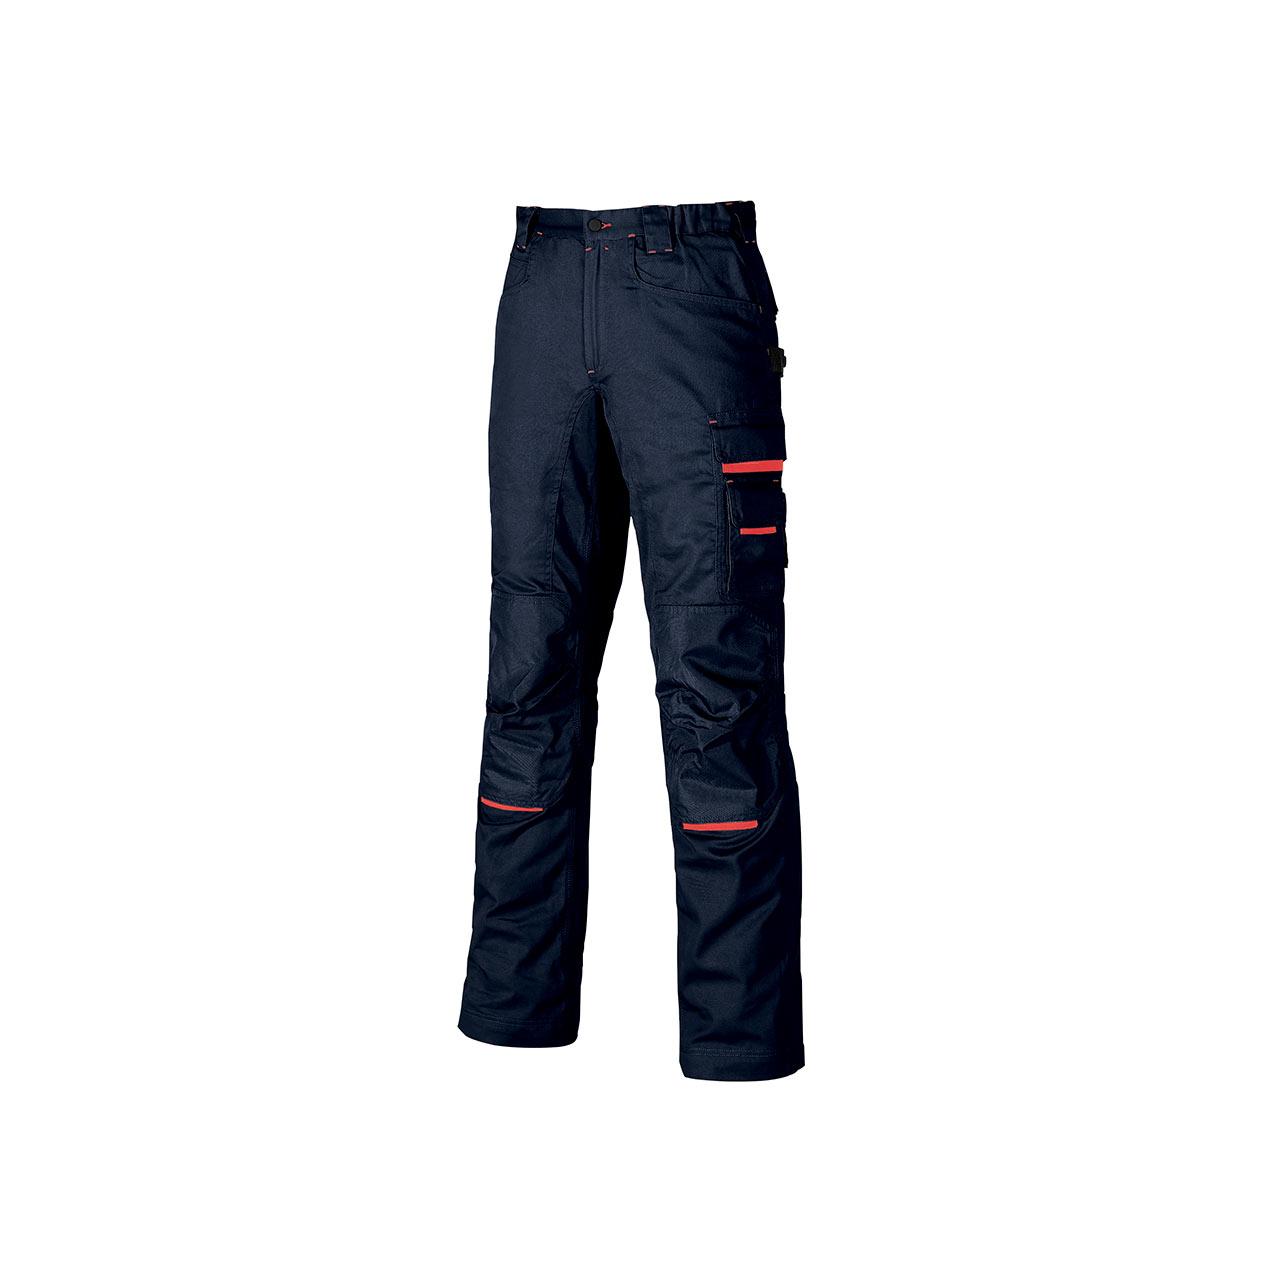 pantalone da lavoro upower modello nimble colore deep b